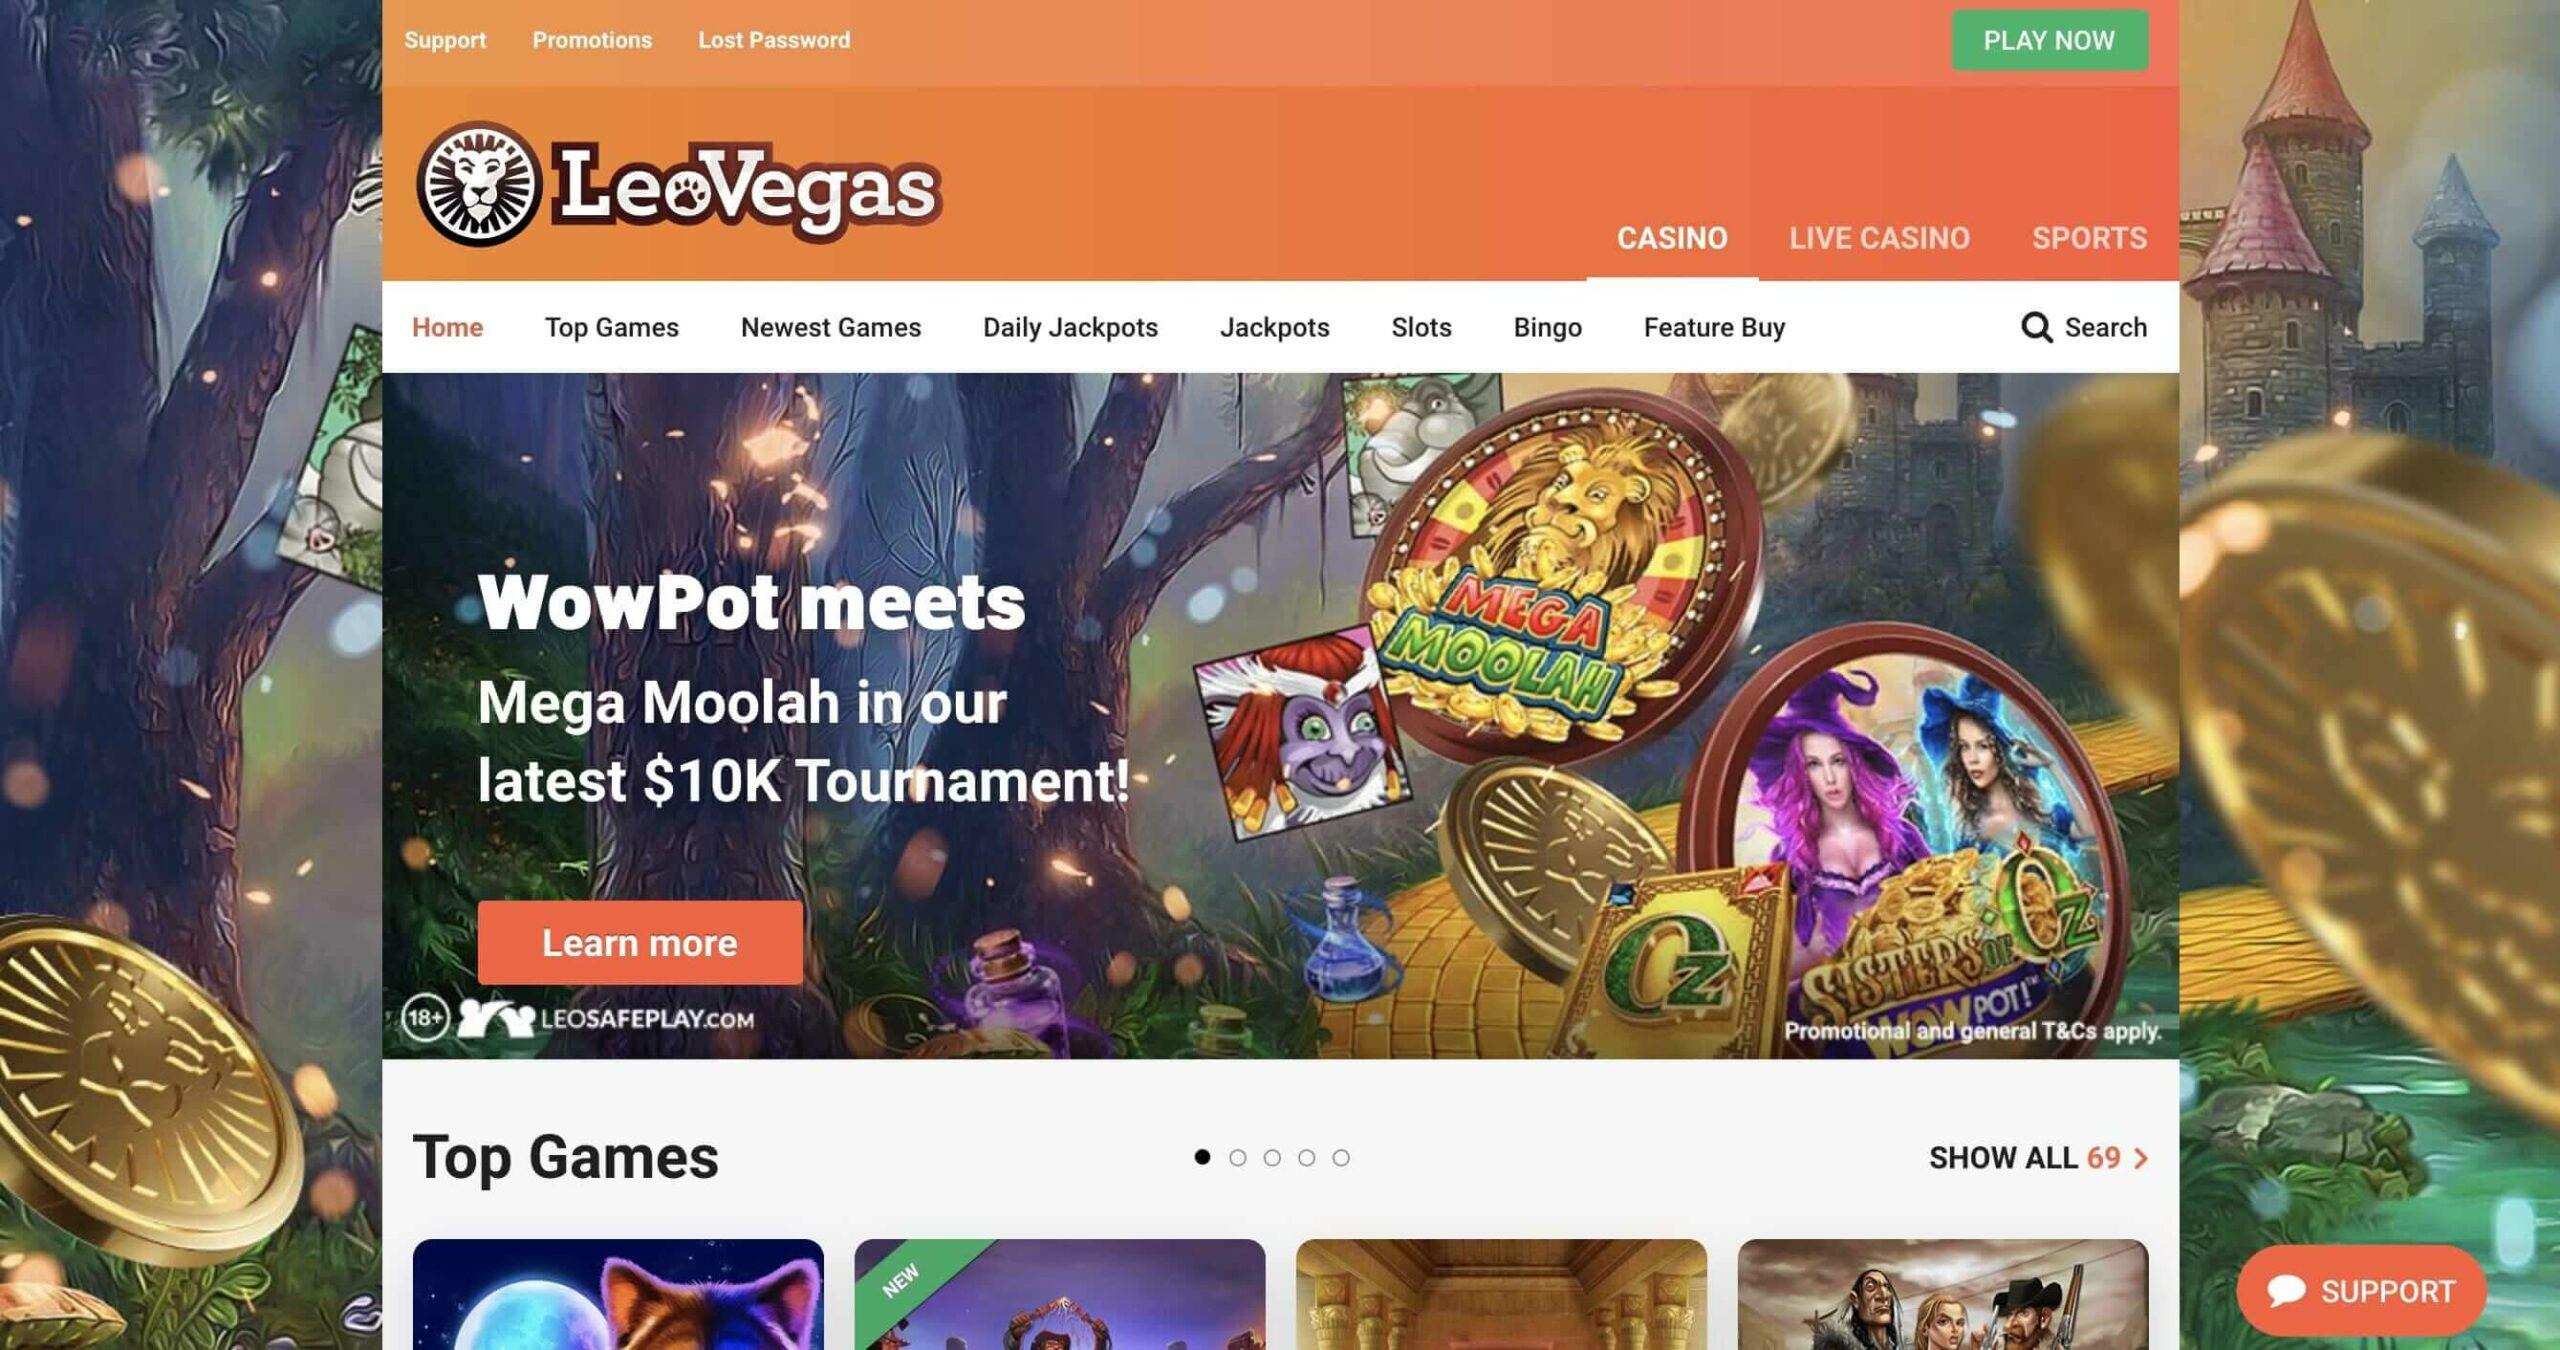 LeoVegas Online